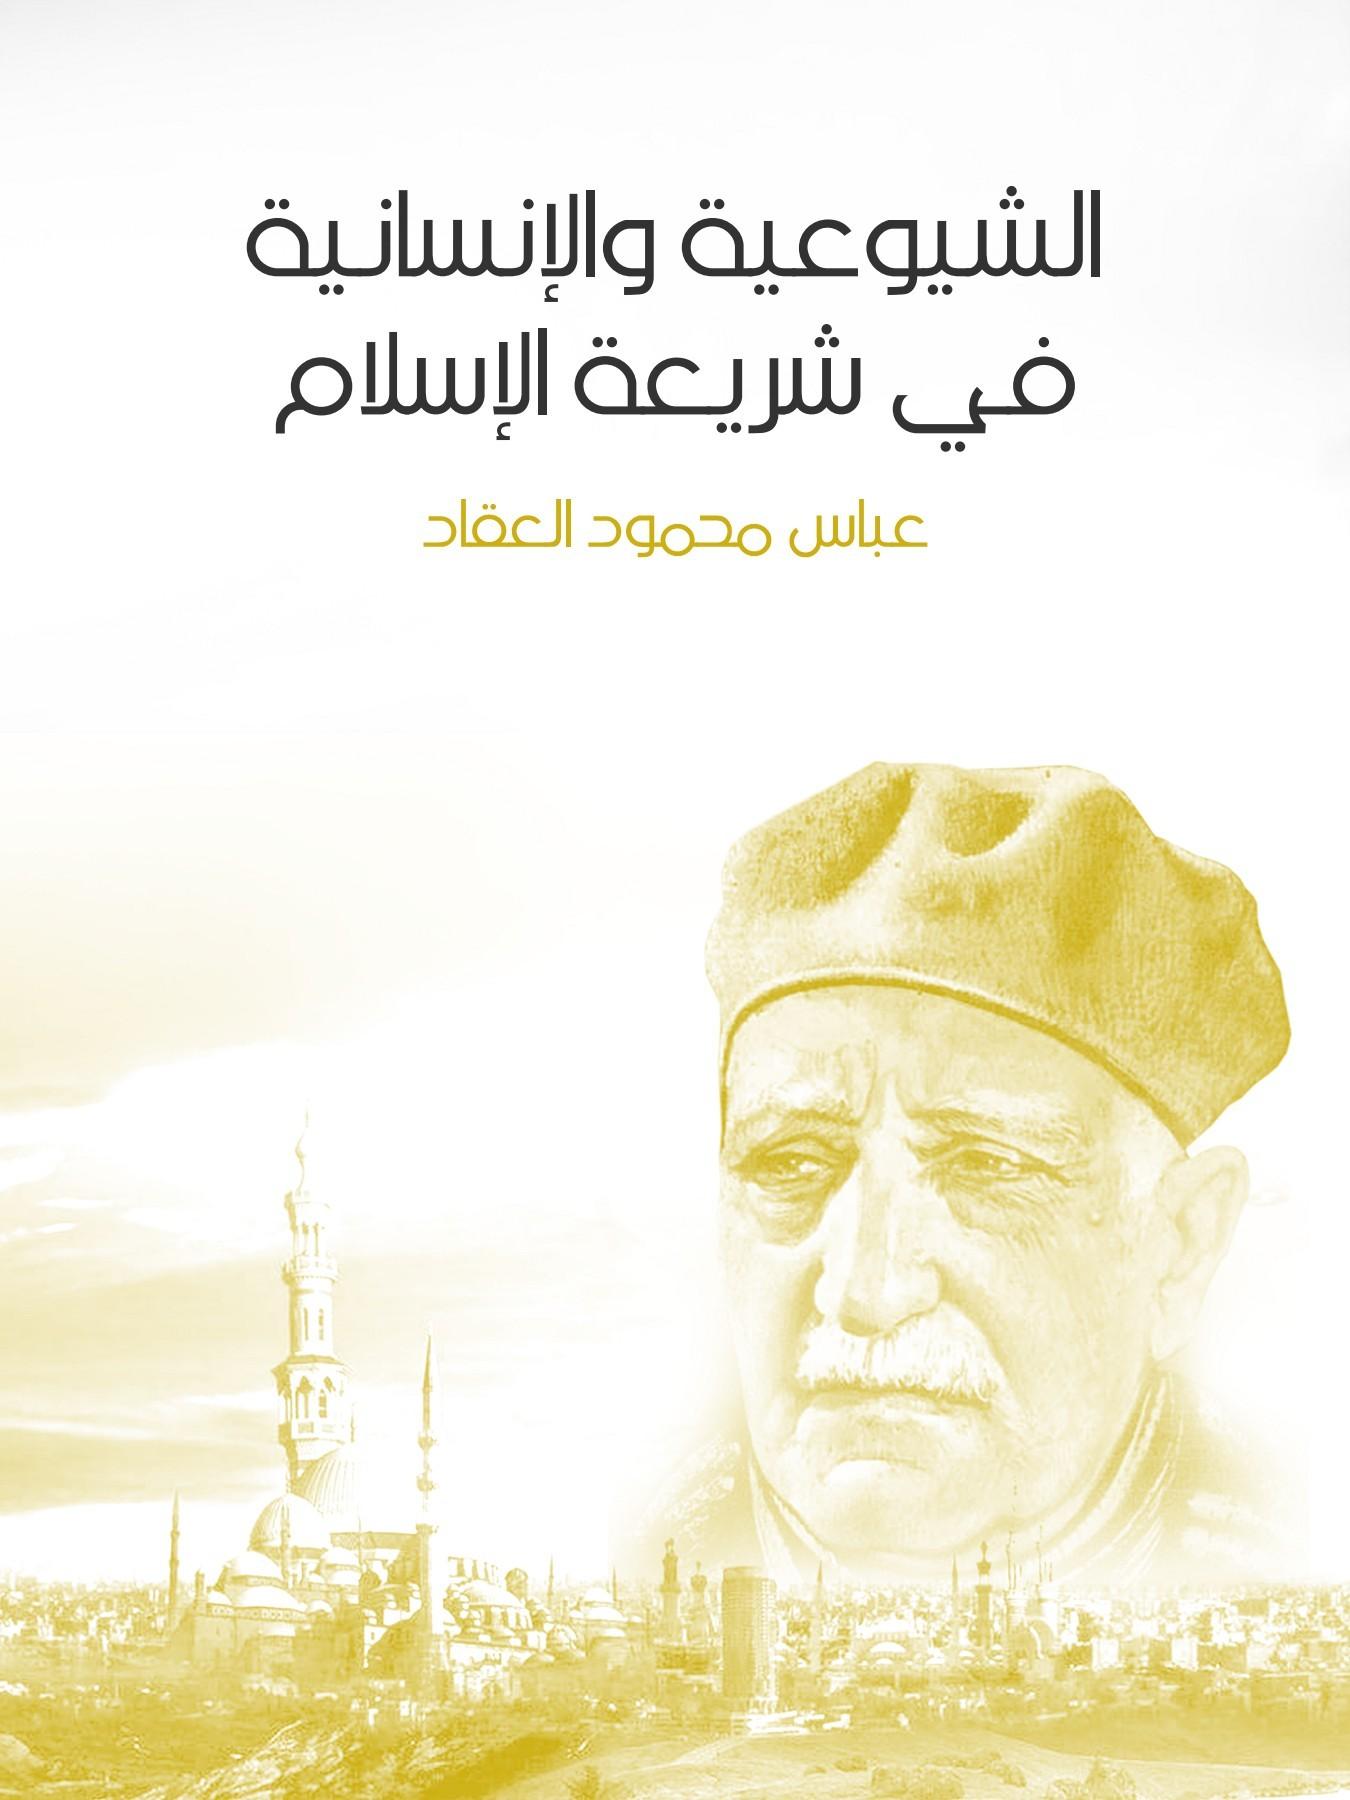 كتاب الشيوعية والإنسانية في شريعة الإسلام رواياتي Pages 1